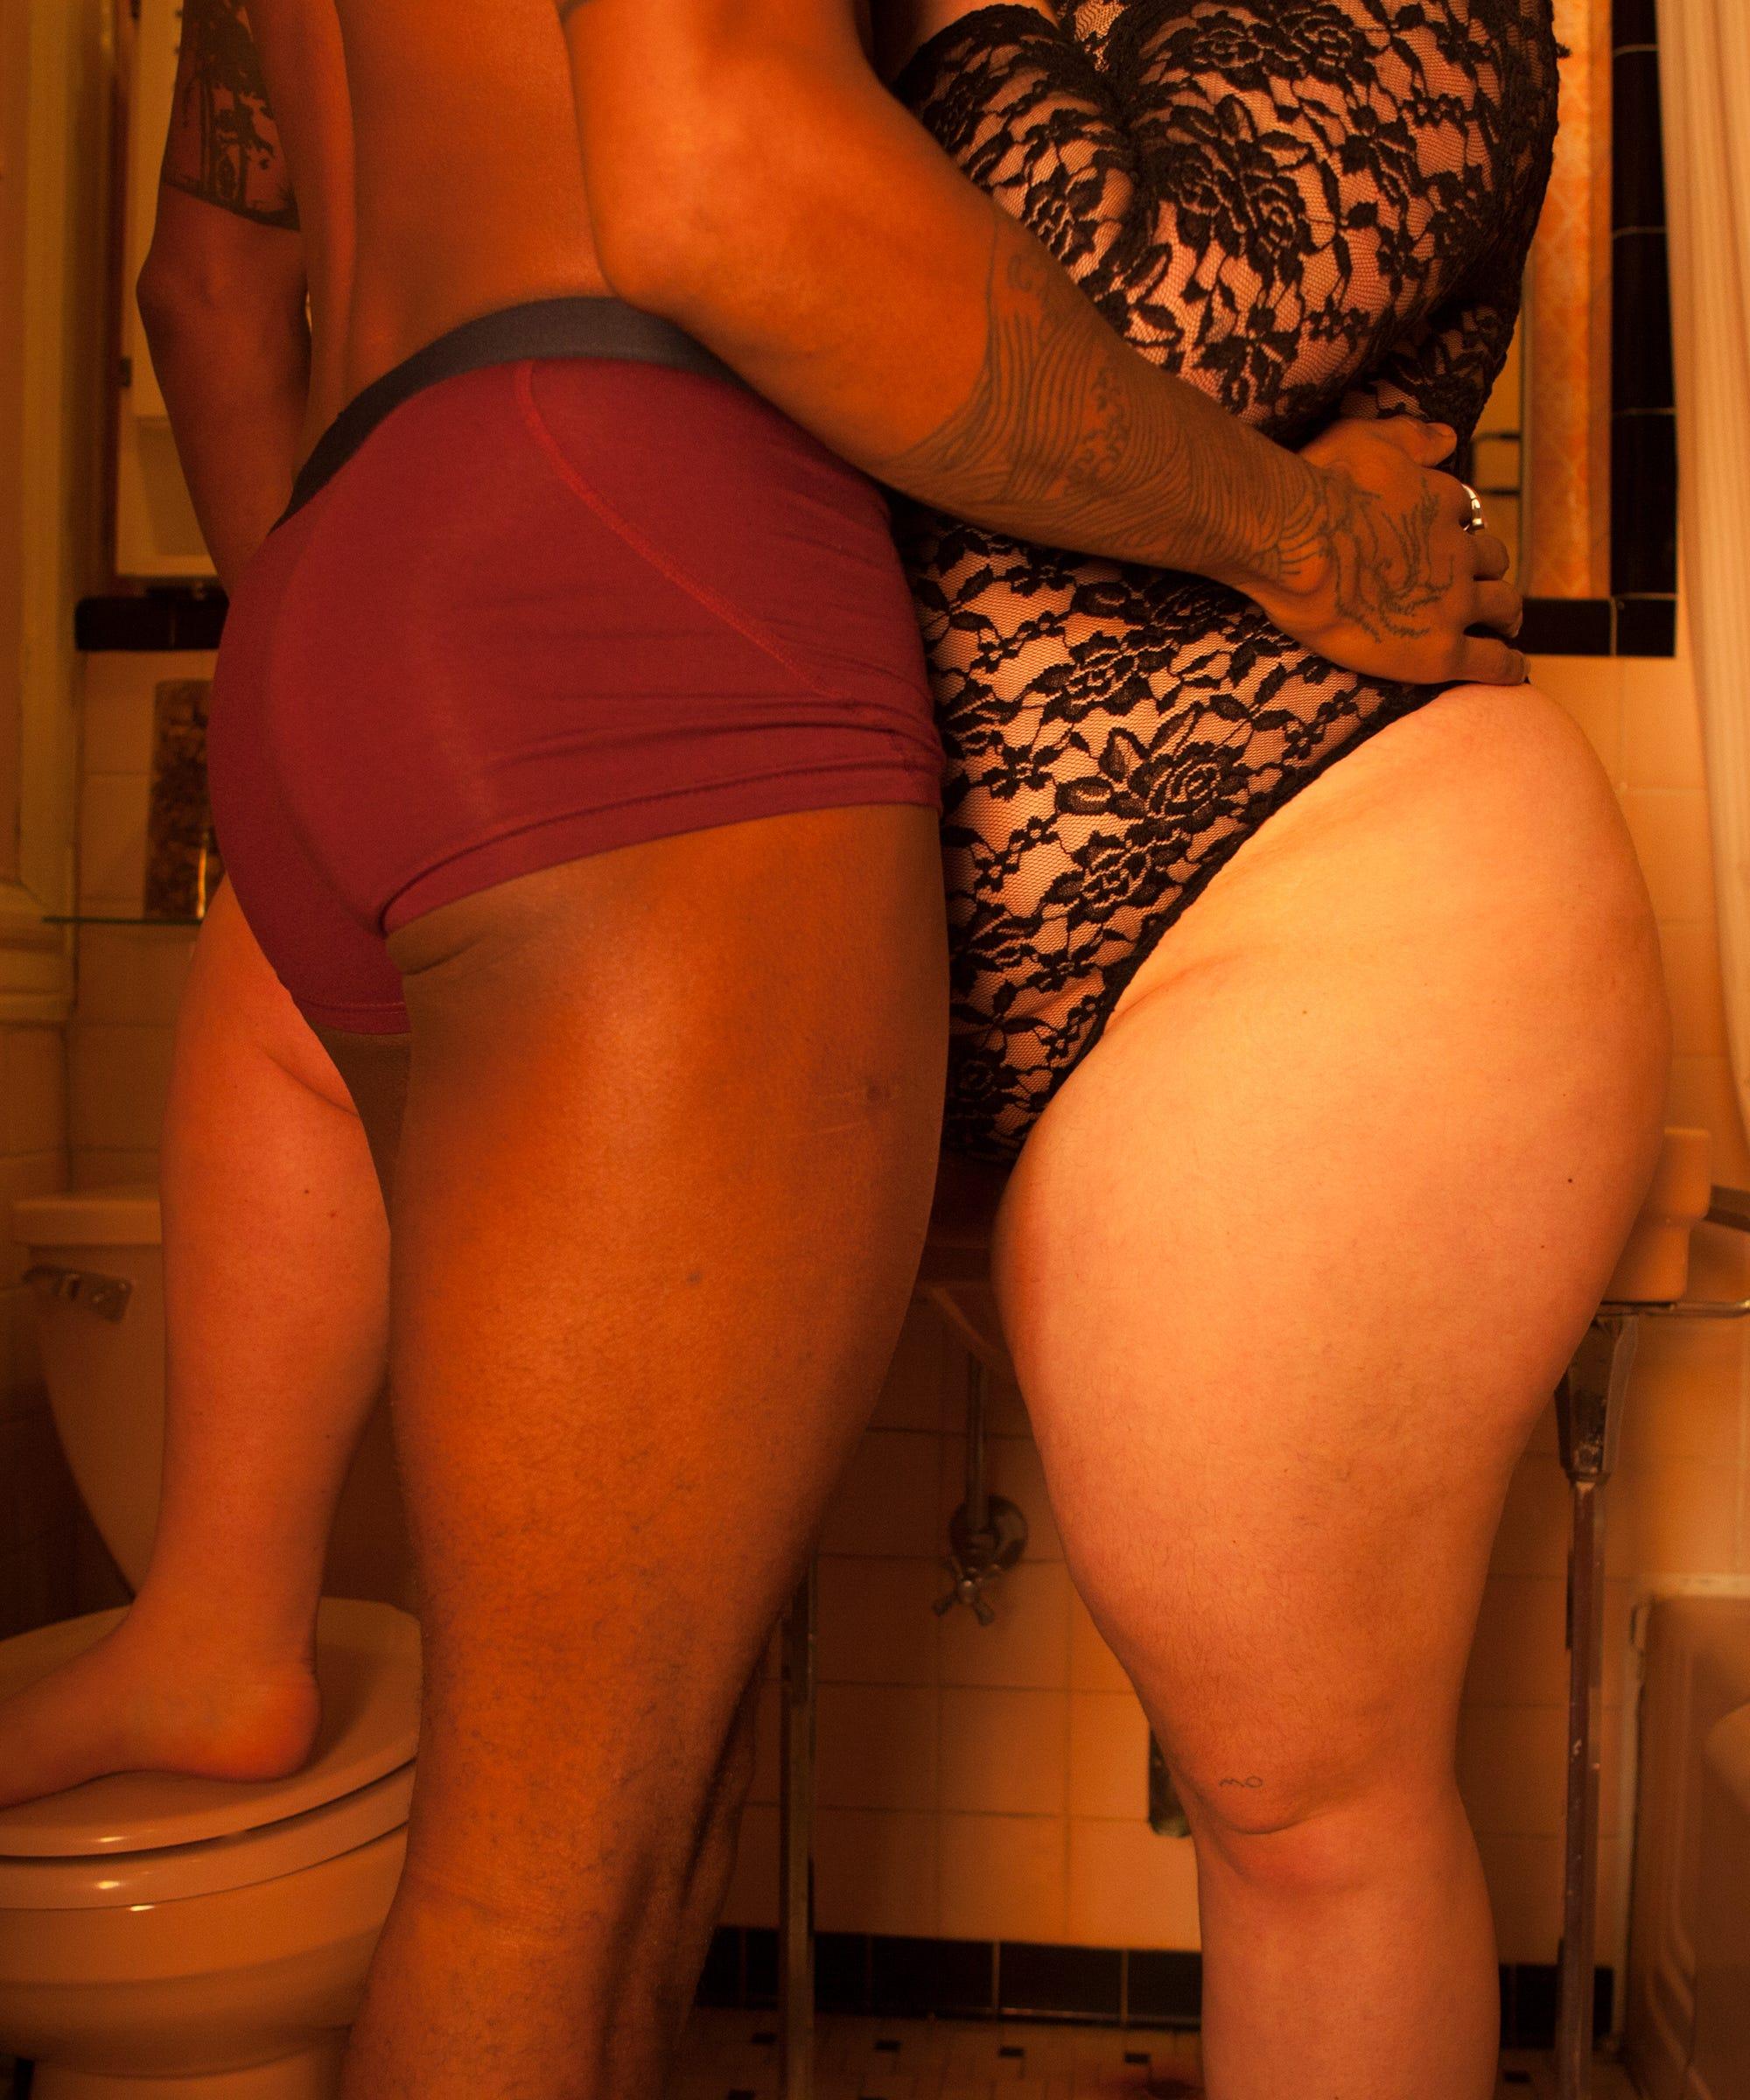 sexiest porno bilder aller zeiten